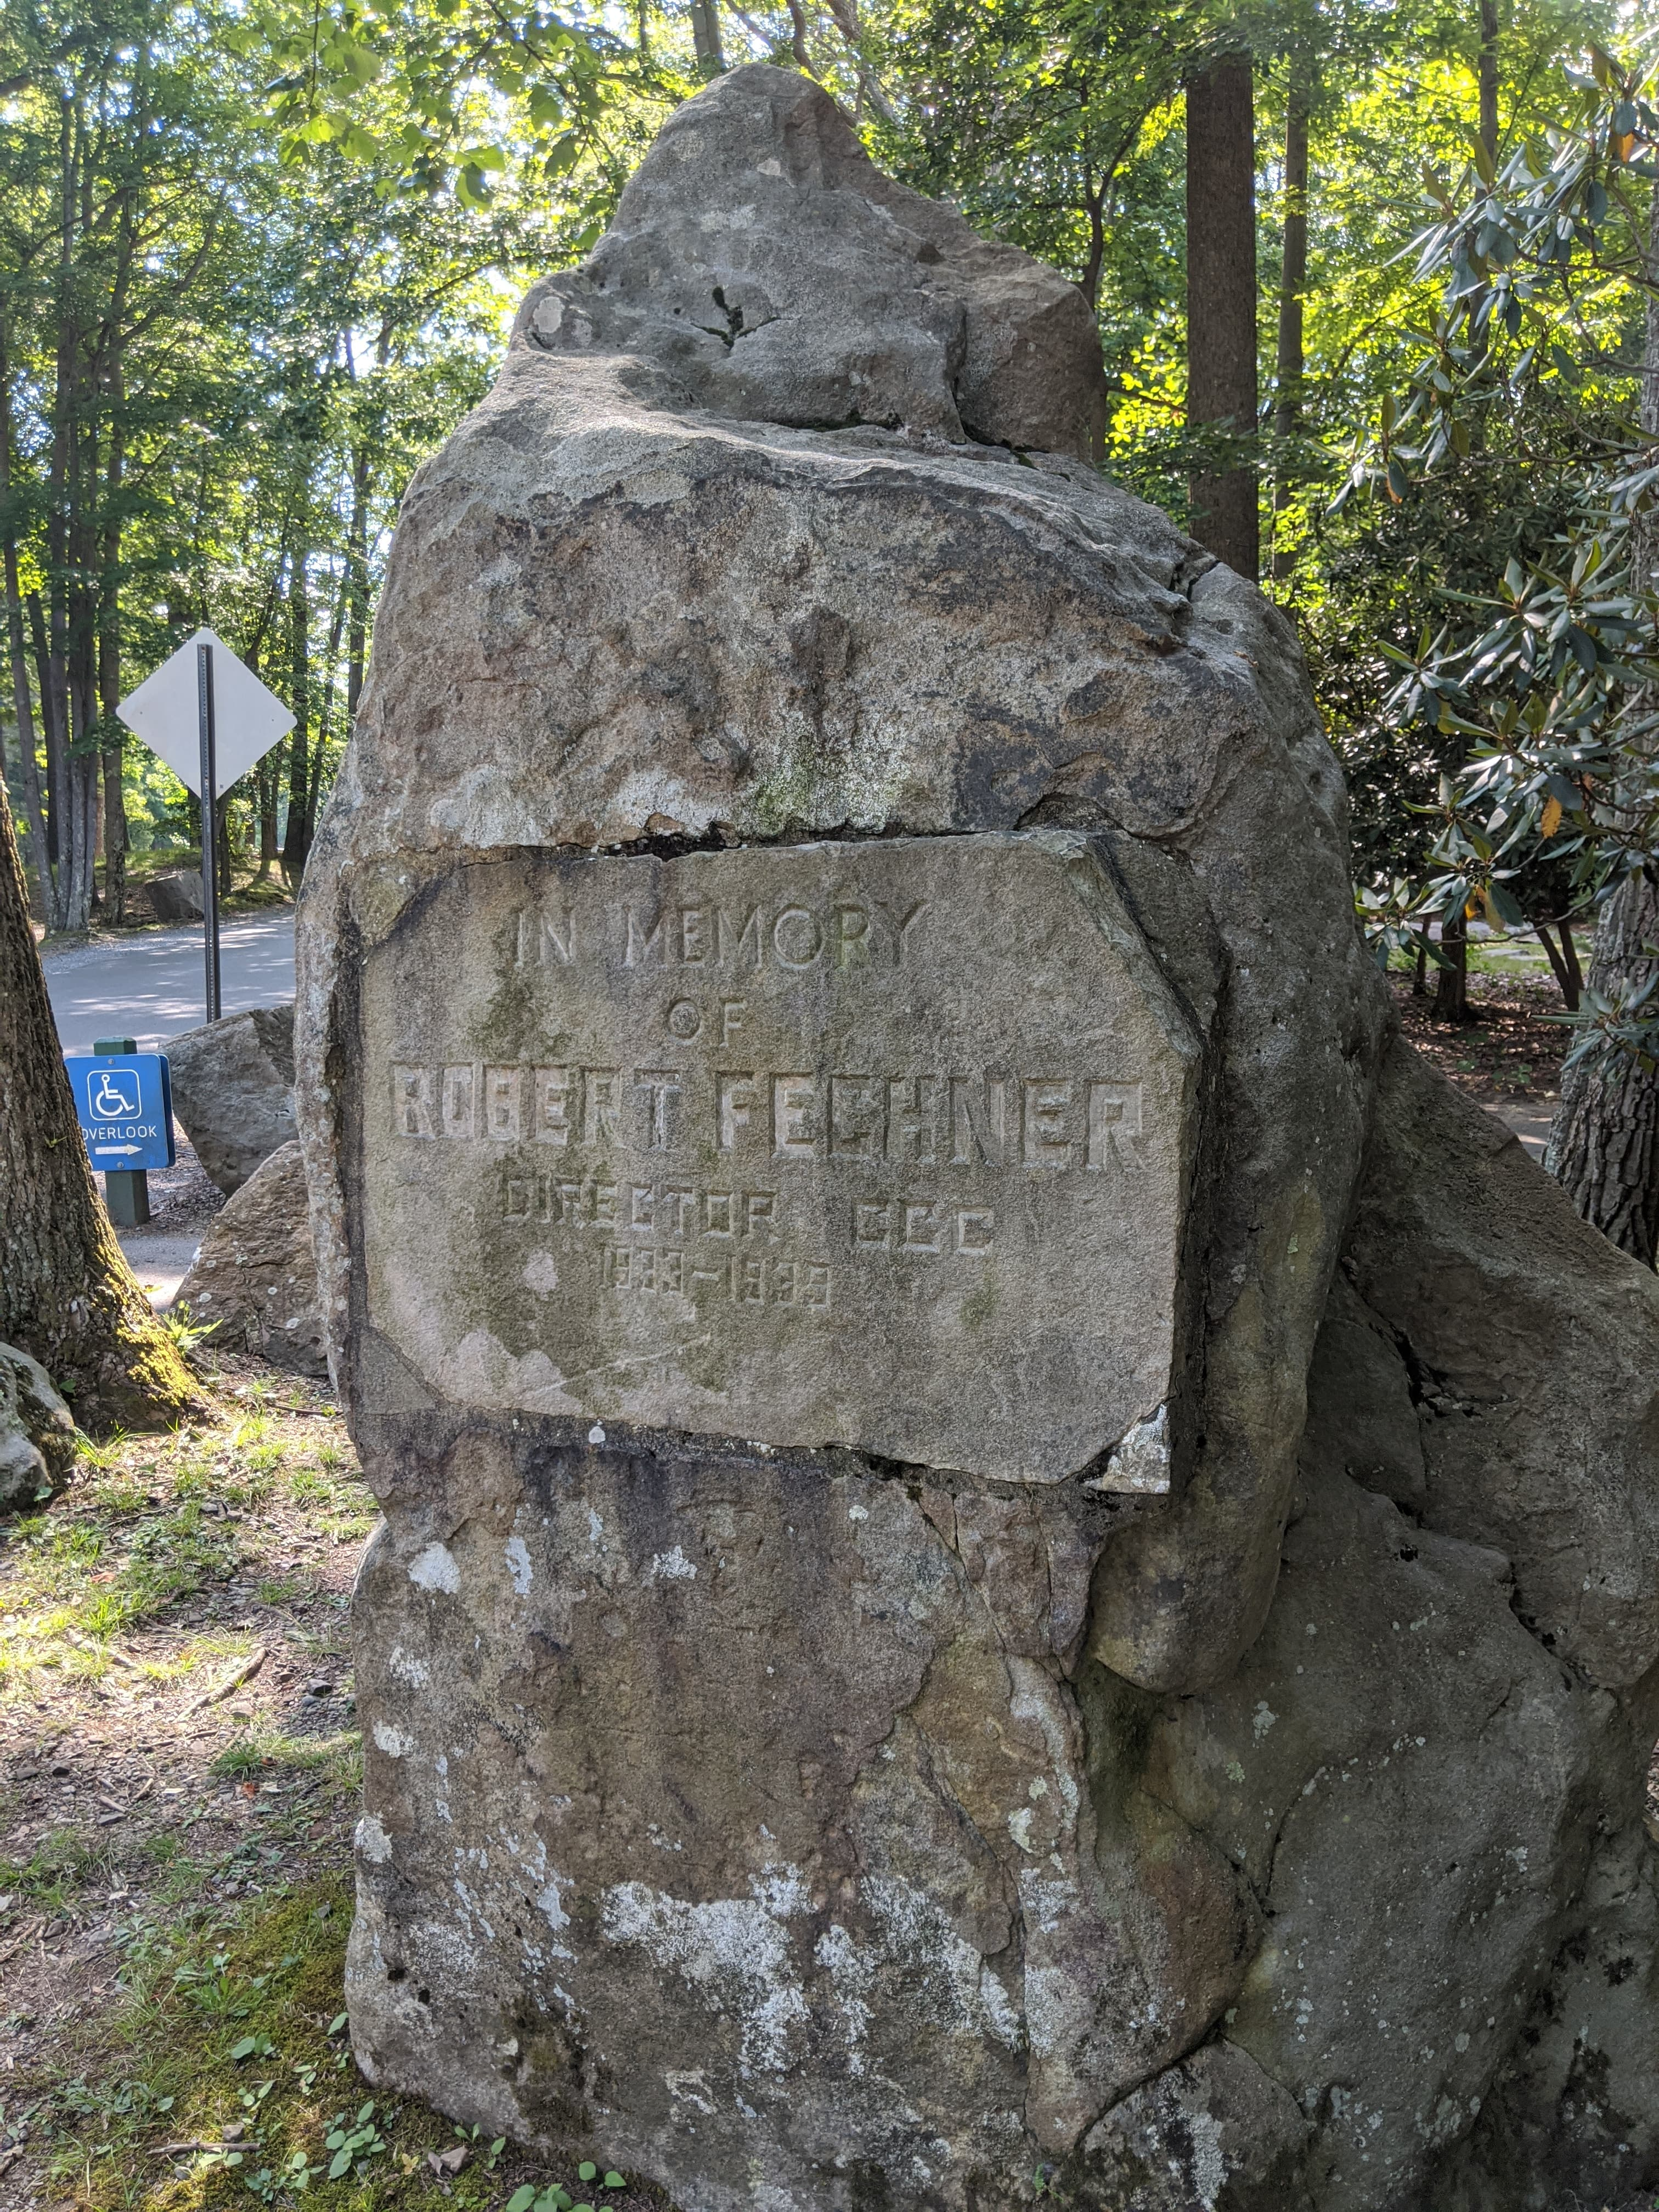 Robert Fechner Monument